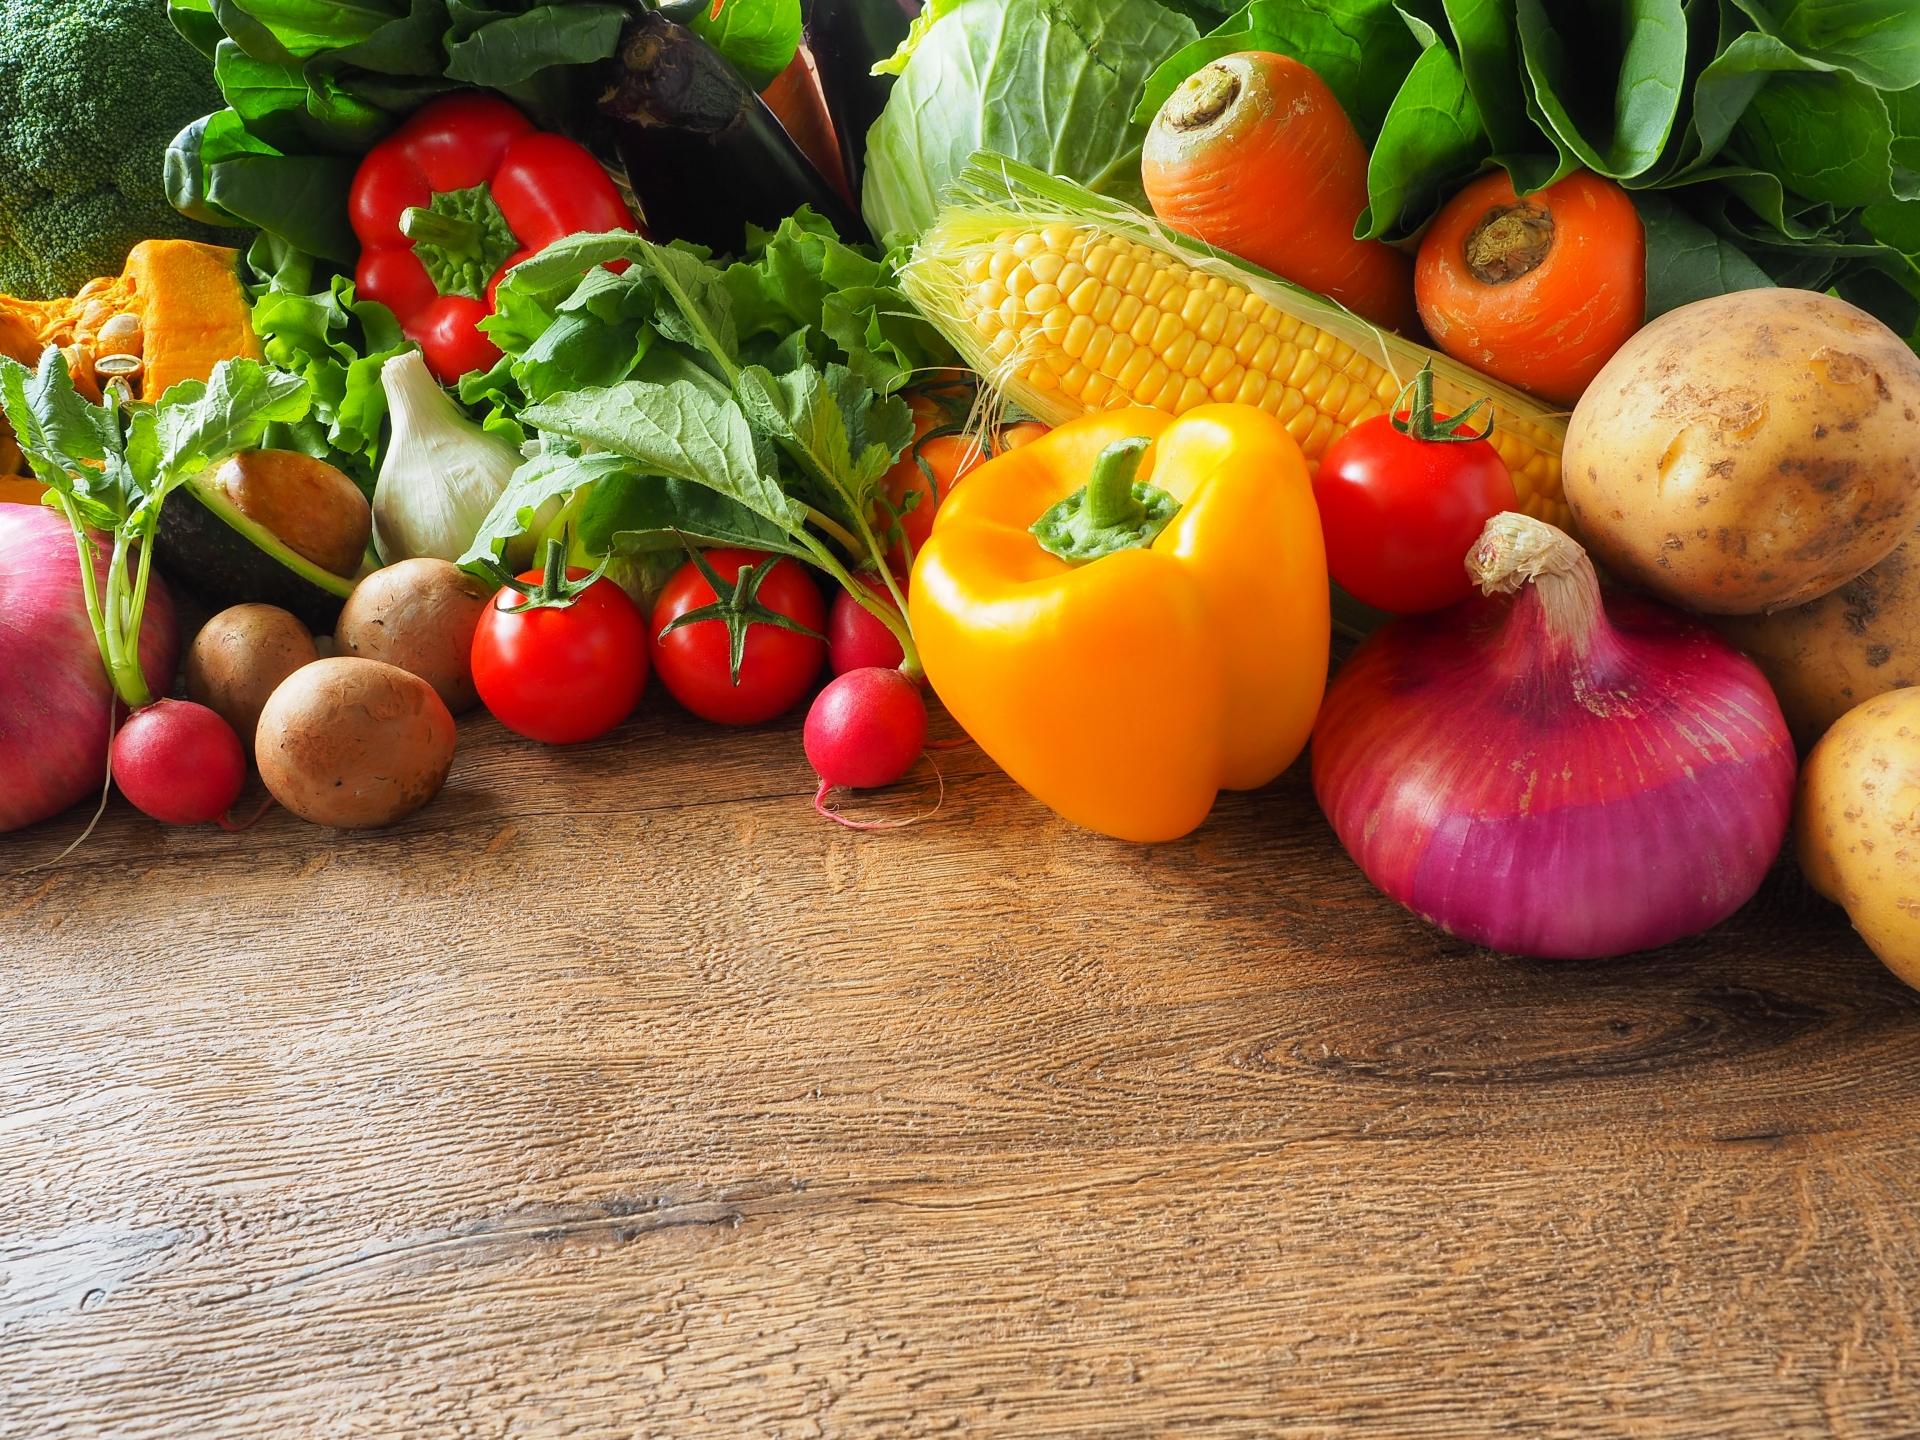 【活用事例】 食品衛生法における温度管理の重要性と課題を解説